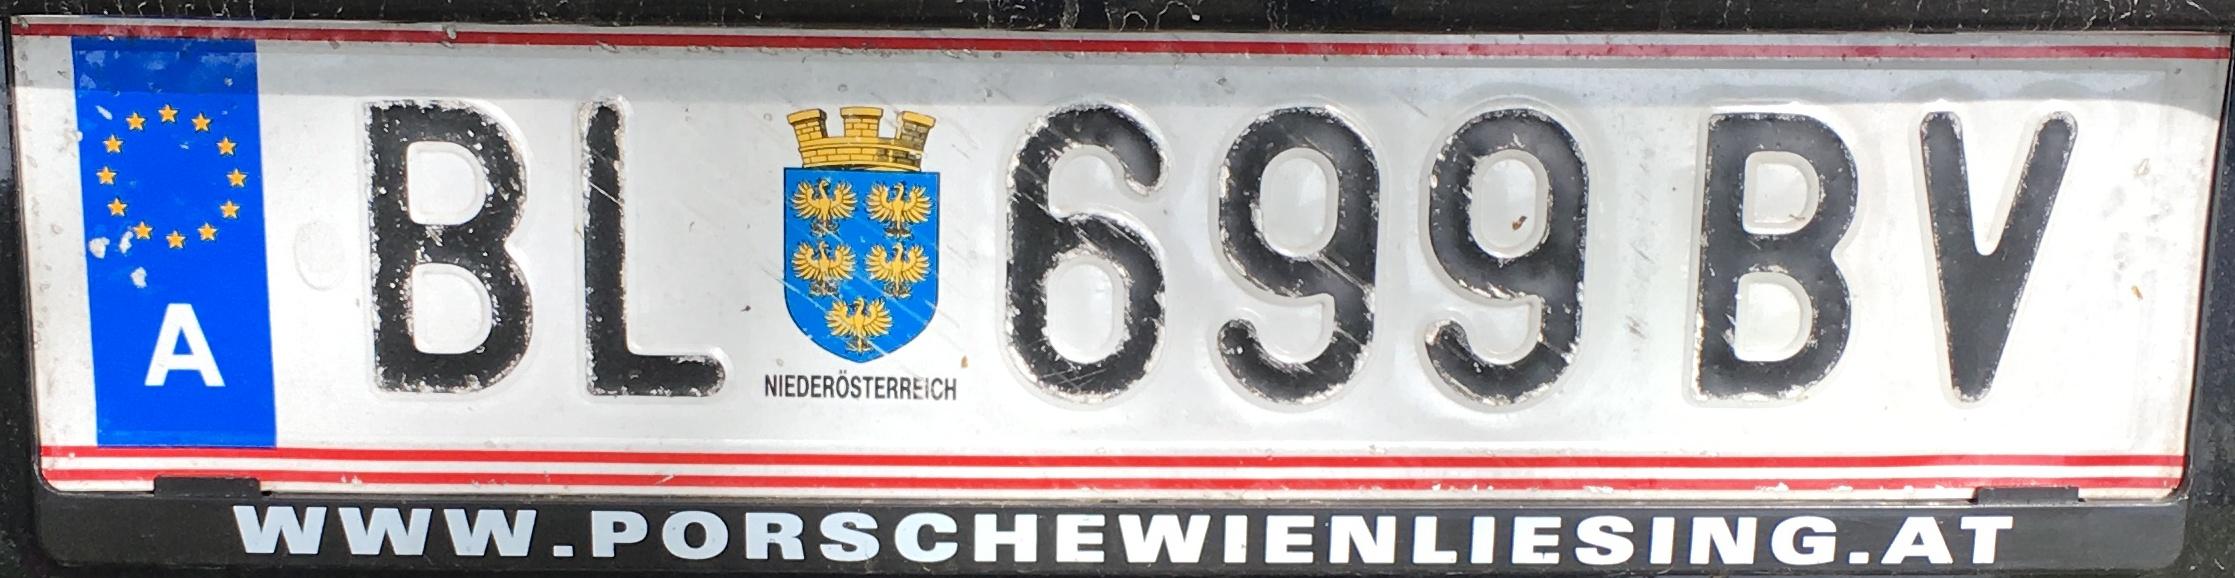 Registrační značka Rakousko - BL - Bruck an der Leitha, foto: vlastní